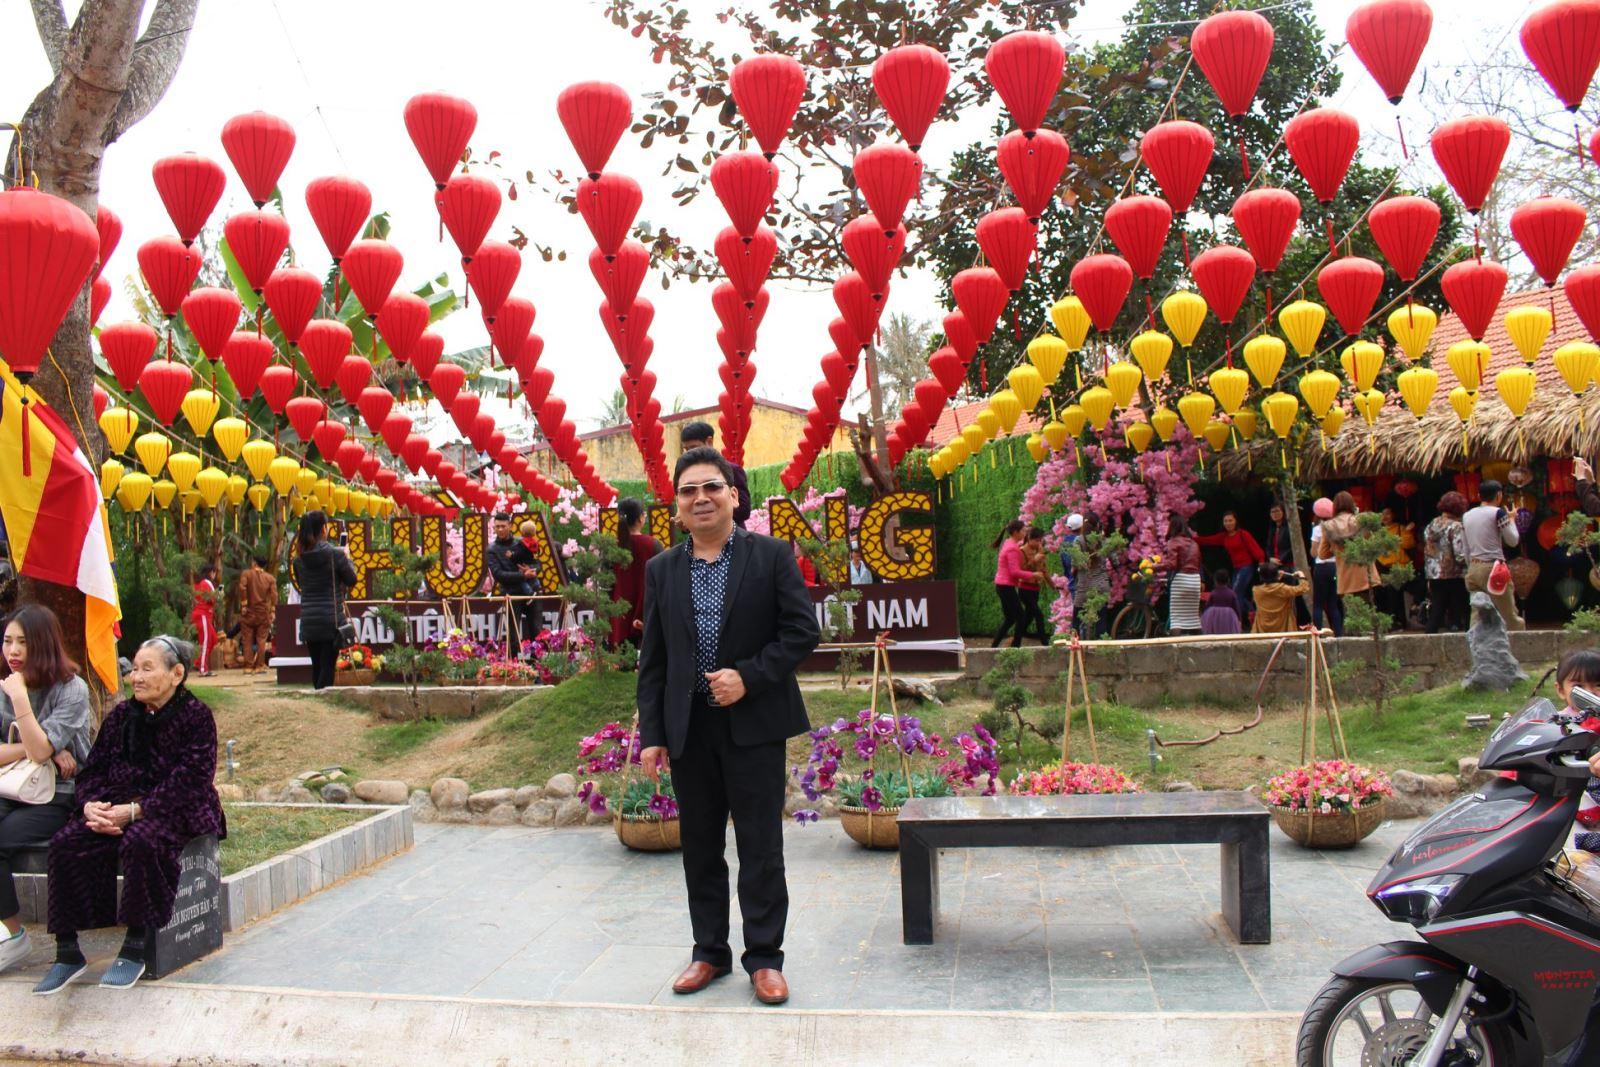 Du xuan chua hang nam 2018